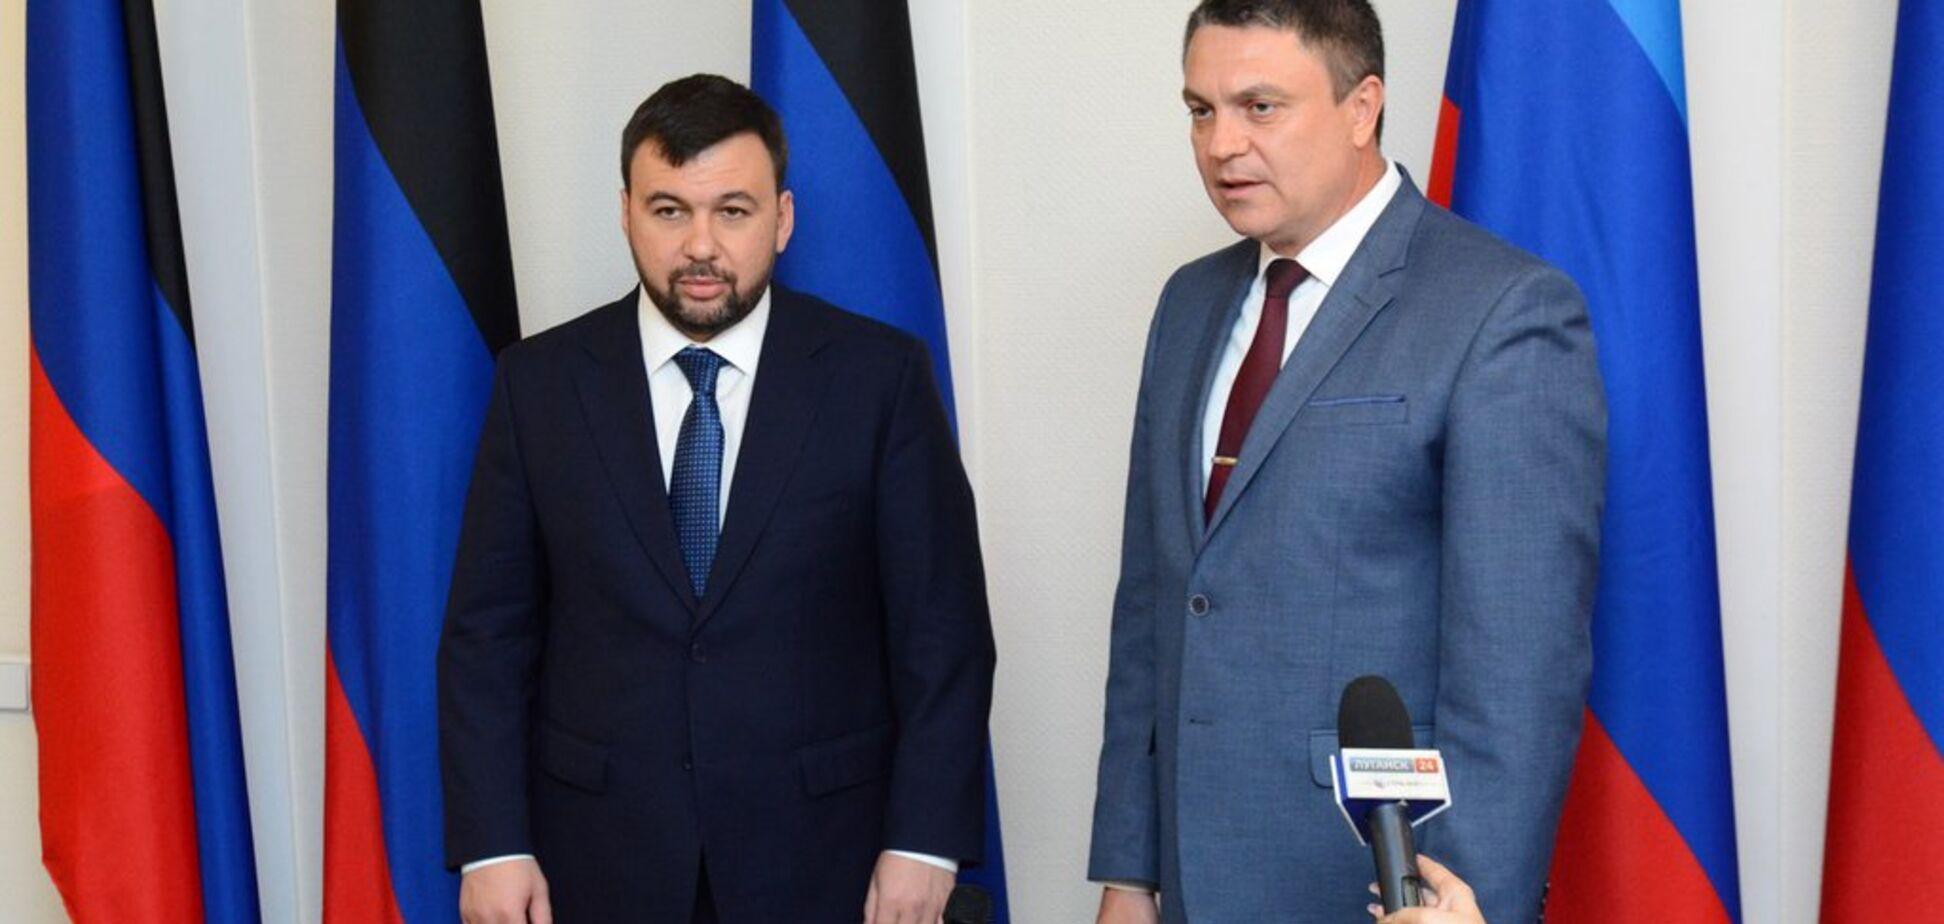 Як Україну штовхають до переговорів із ''Л/ДНР'': експерт розкрив деталі